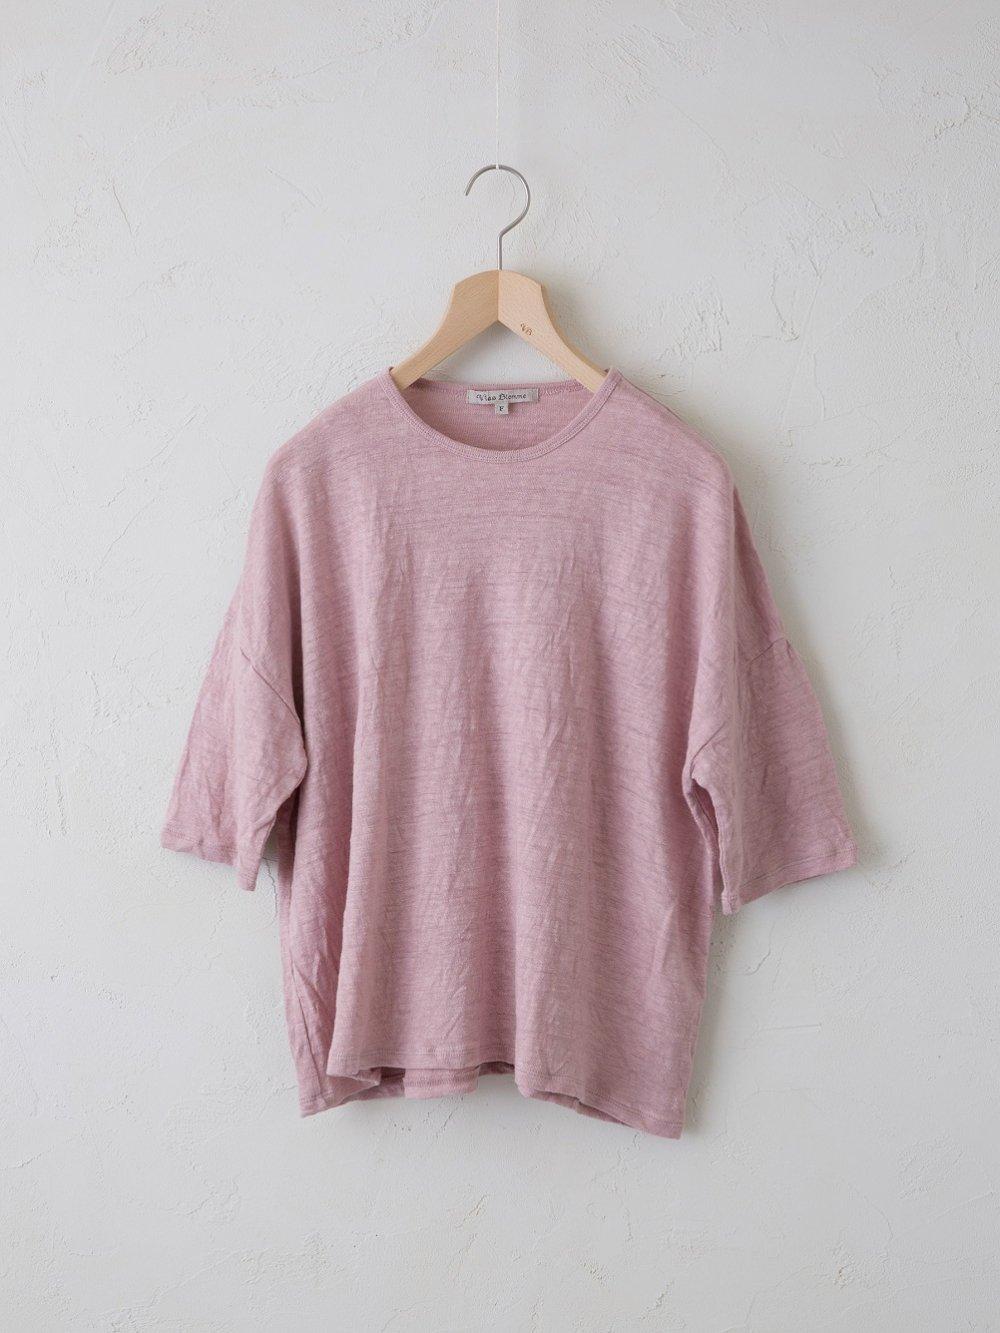 【限定】 KL Plain 5分袖ワイドTシャツ